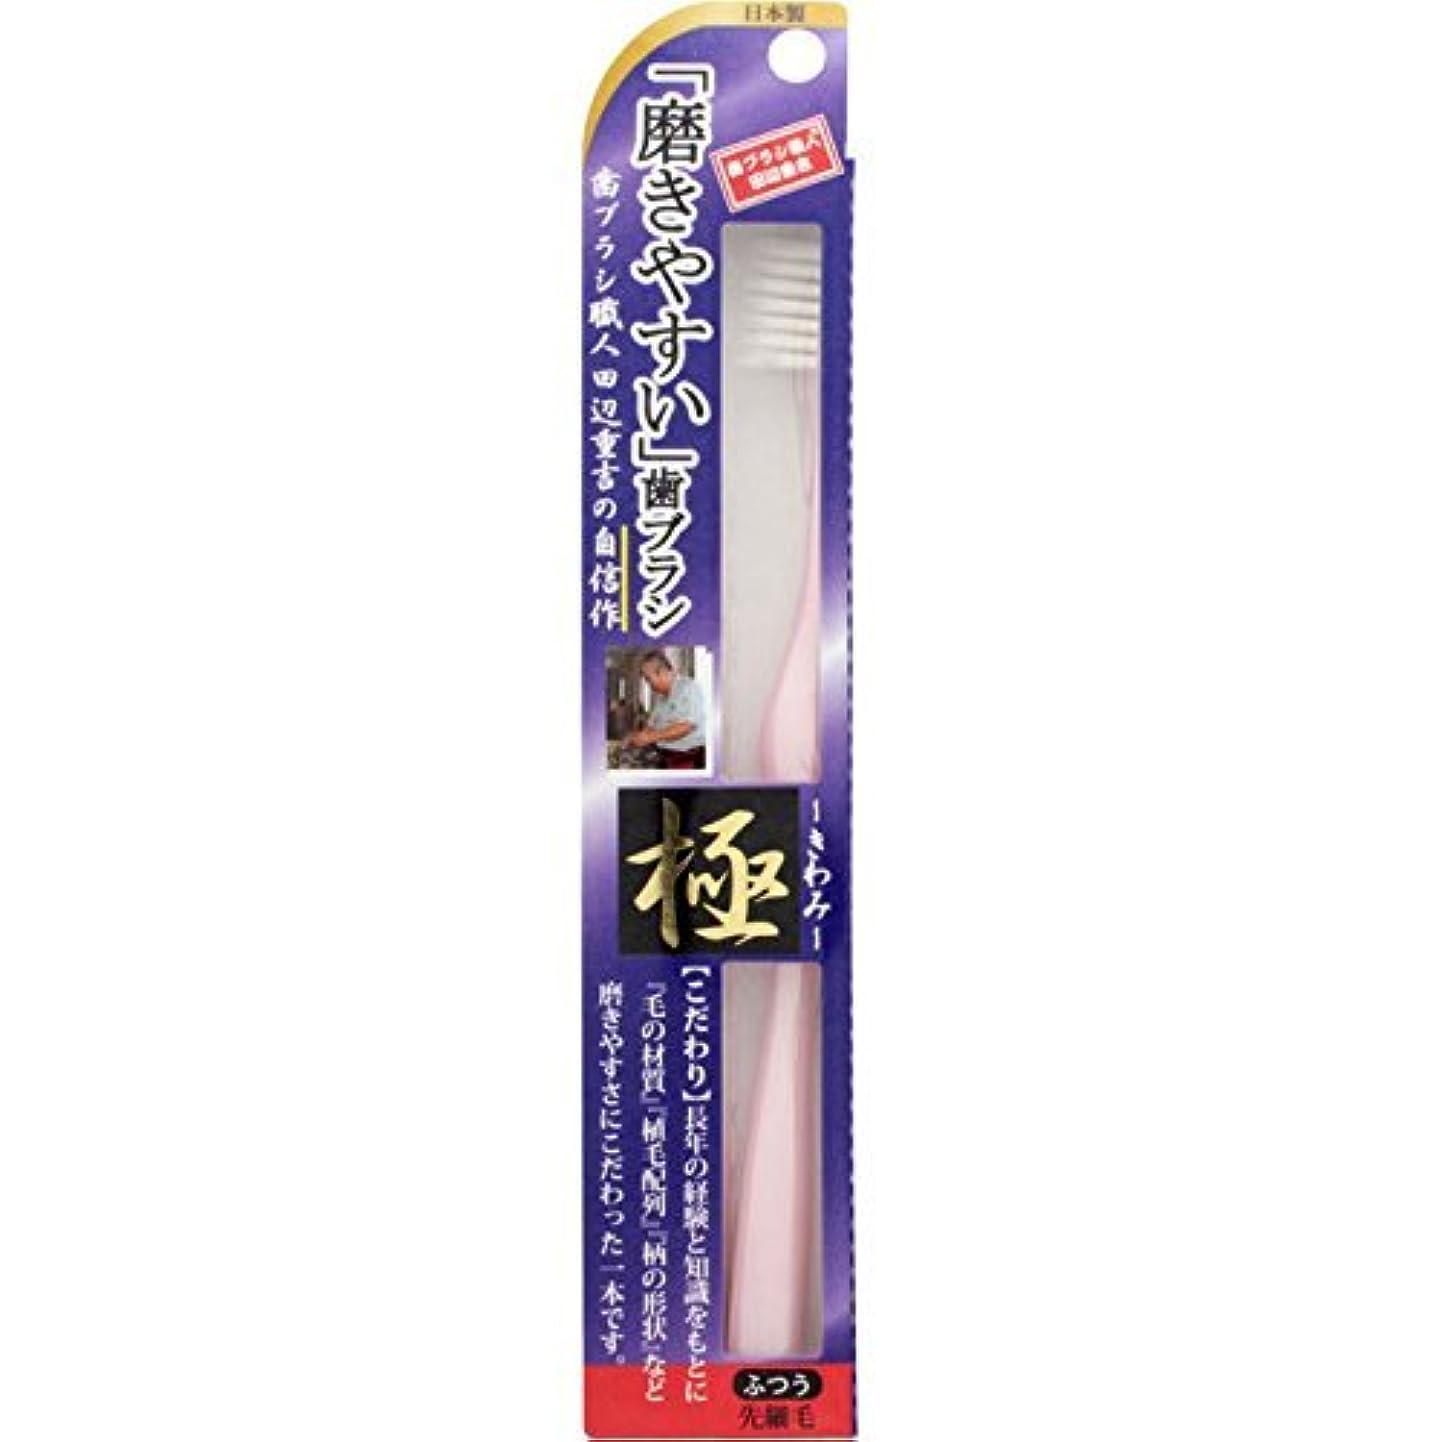 破裂超越するカタログ【まとめ買い】磨きやすい歯ブラシ 極 LT-22 ×2個